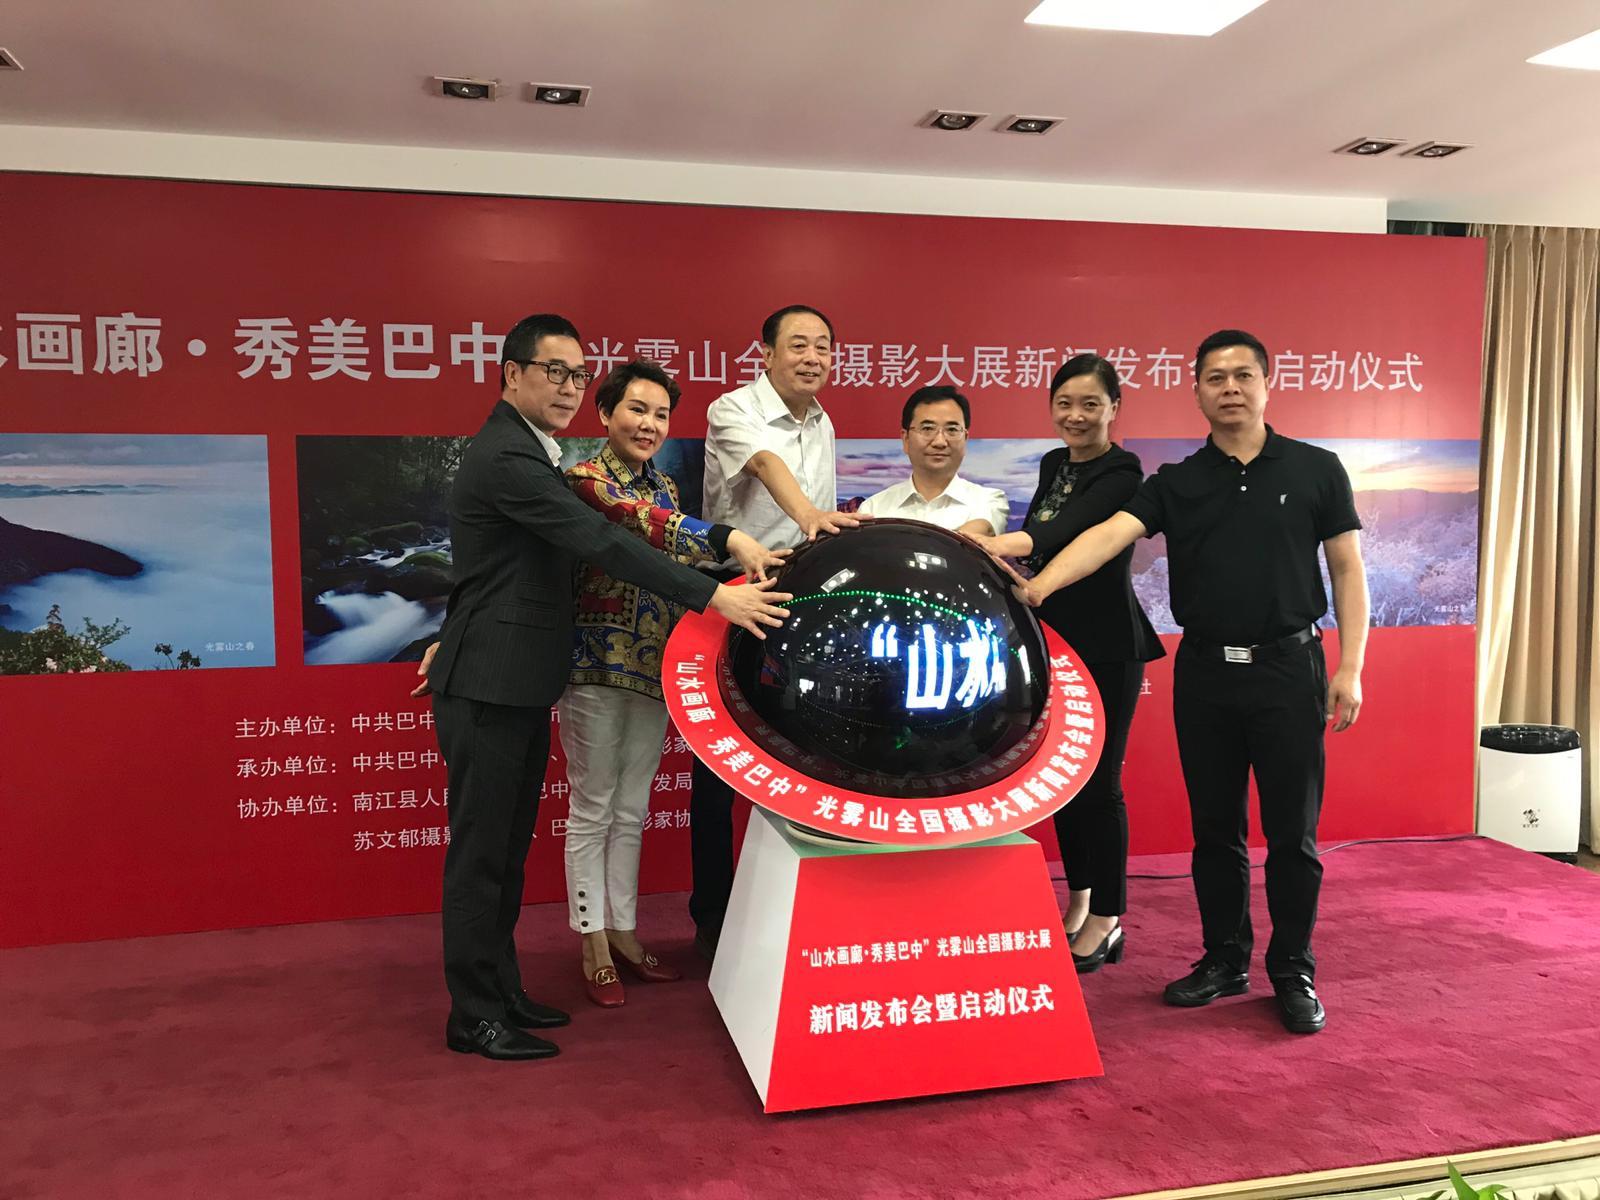 「山水畫廊·秀美巴中」光霧山全國攝影大展今日在北京中國攝影家協會啓動。張言天攝